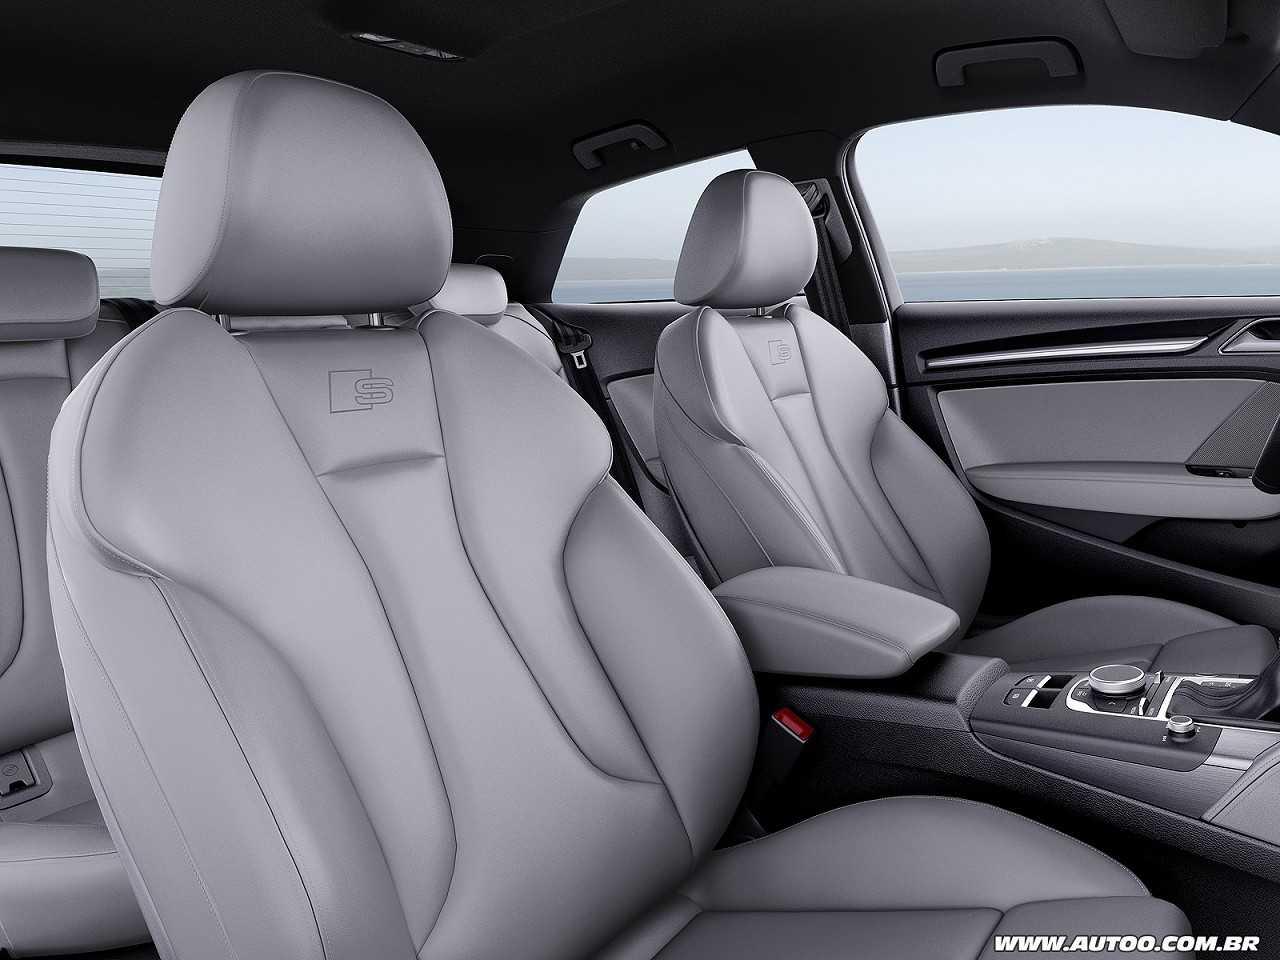 Detalhe dos bancos dianteiros do Audi A3